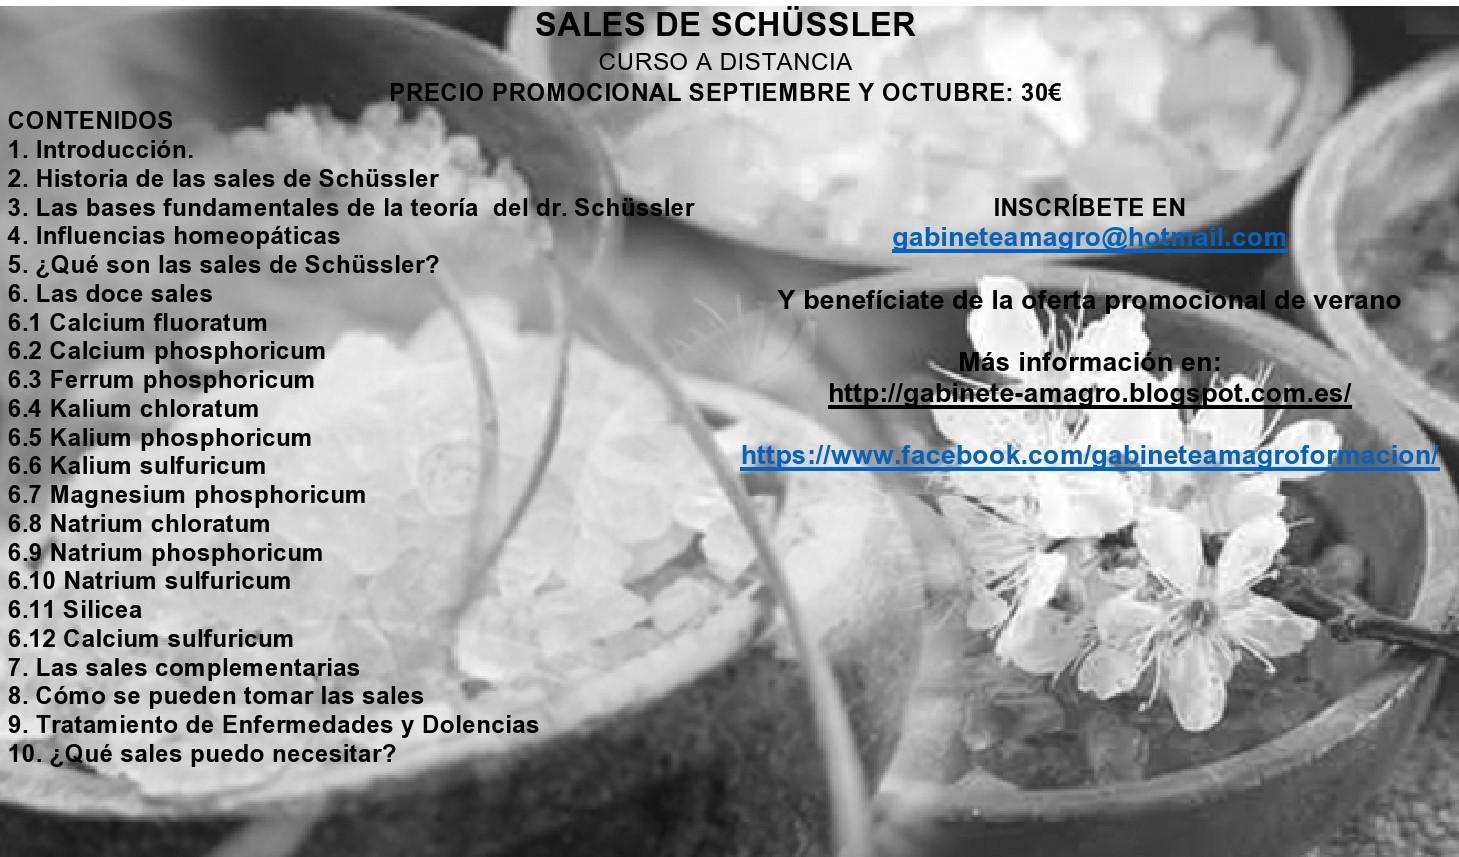 CURSO SALES DE SCHUSSLER A DISTANCIA - Madrid